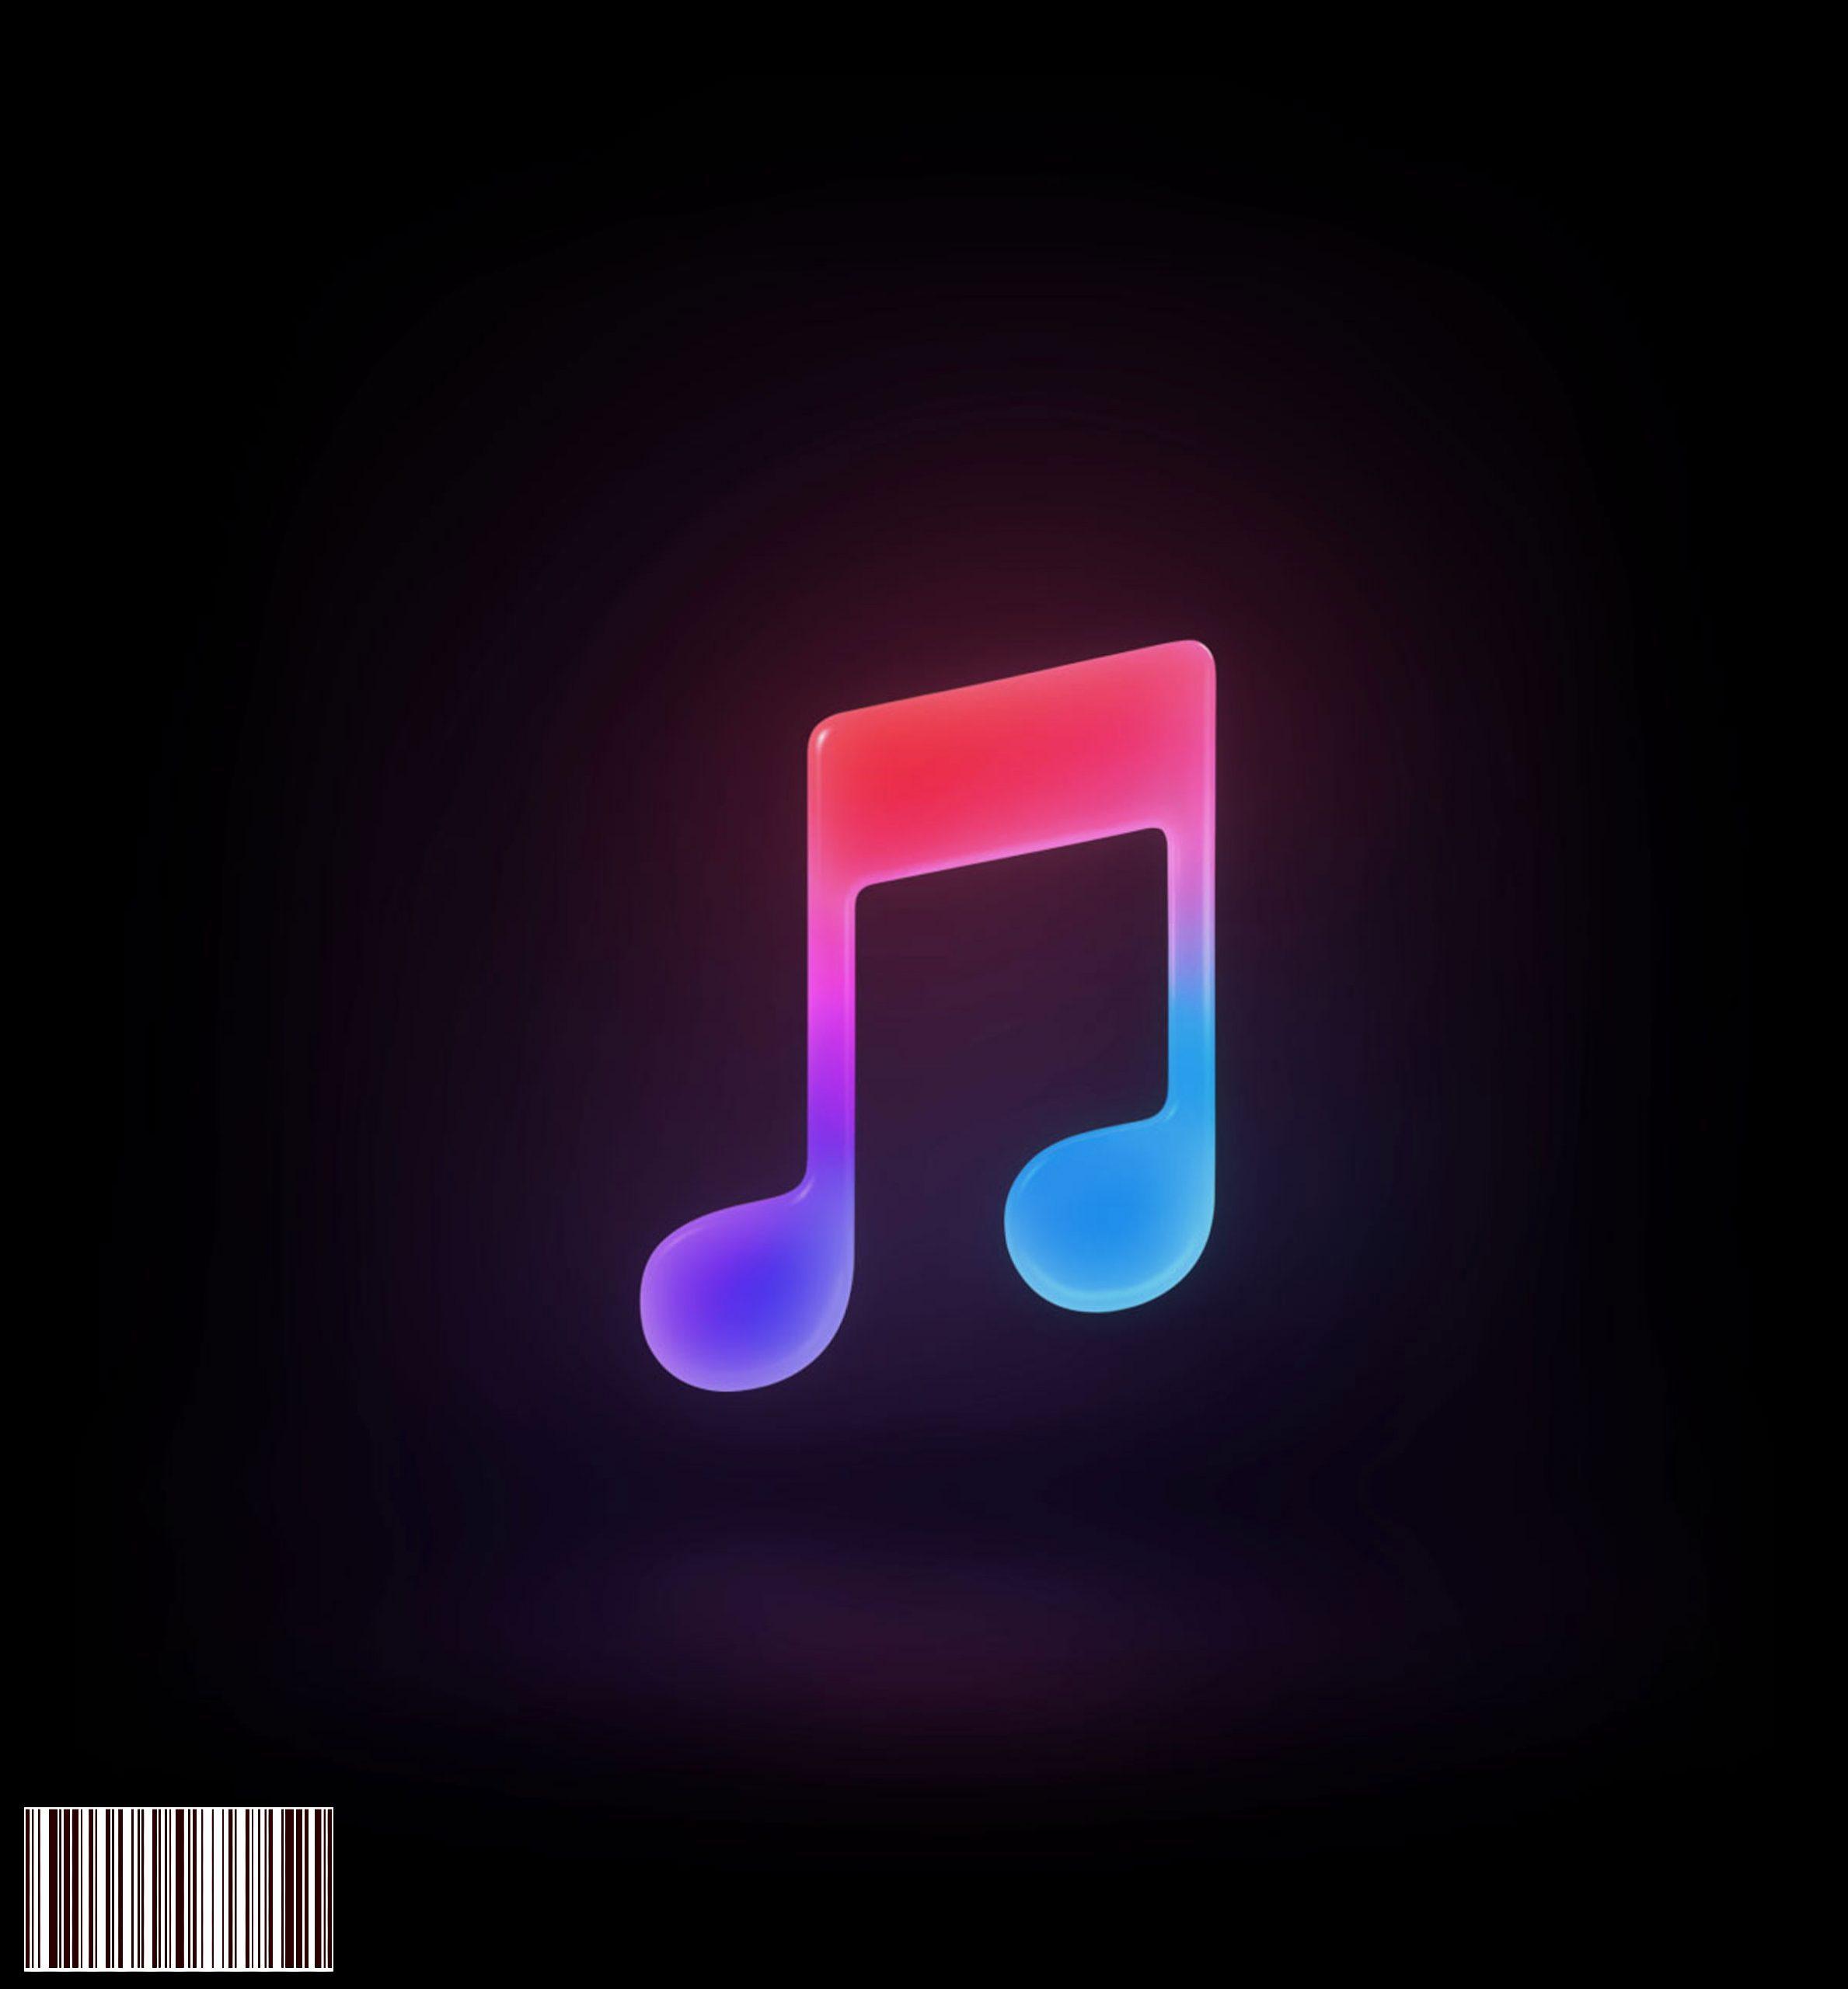 Apple Music: كيفية تمكين التشغيل بجودة عالية حتى على الشبكات الخلوية